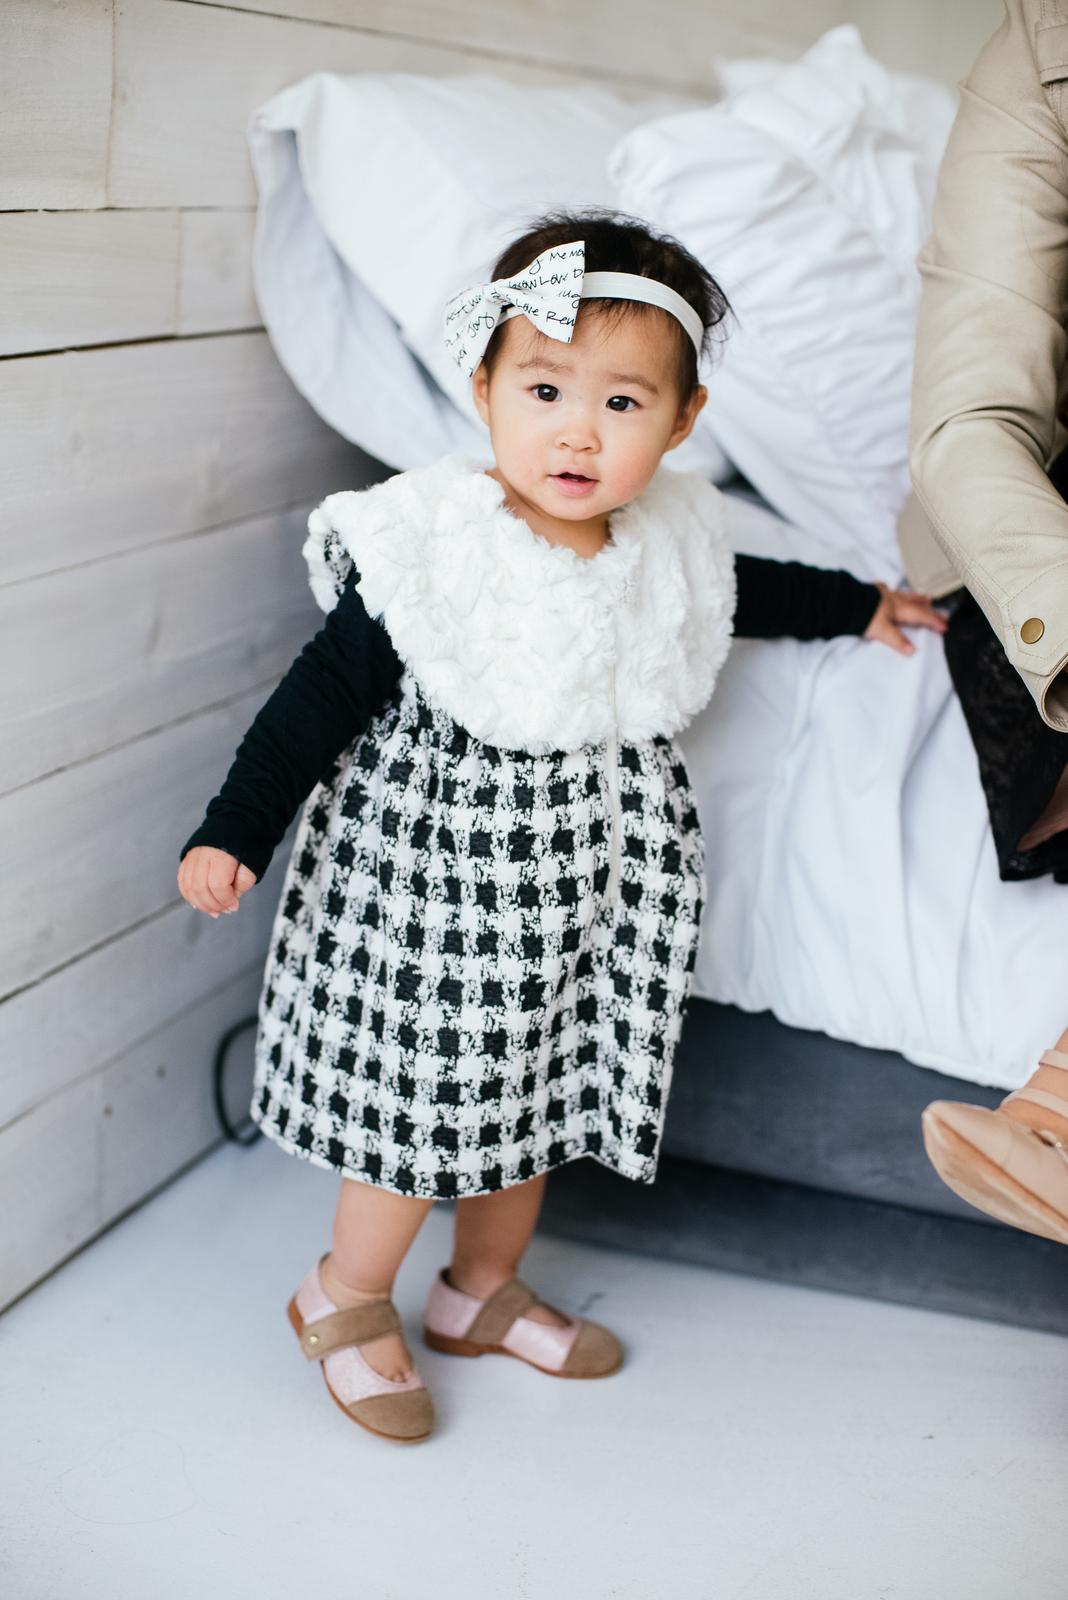 Baby girl wearing Kensington lane Kids